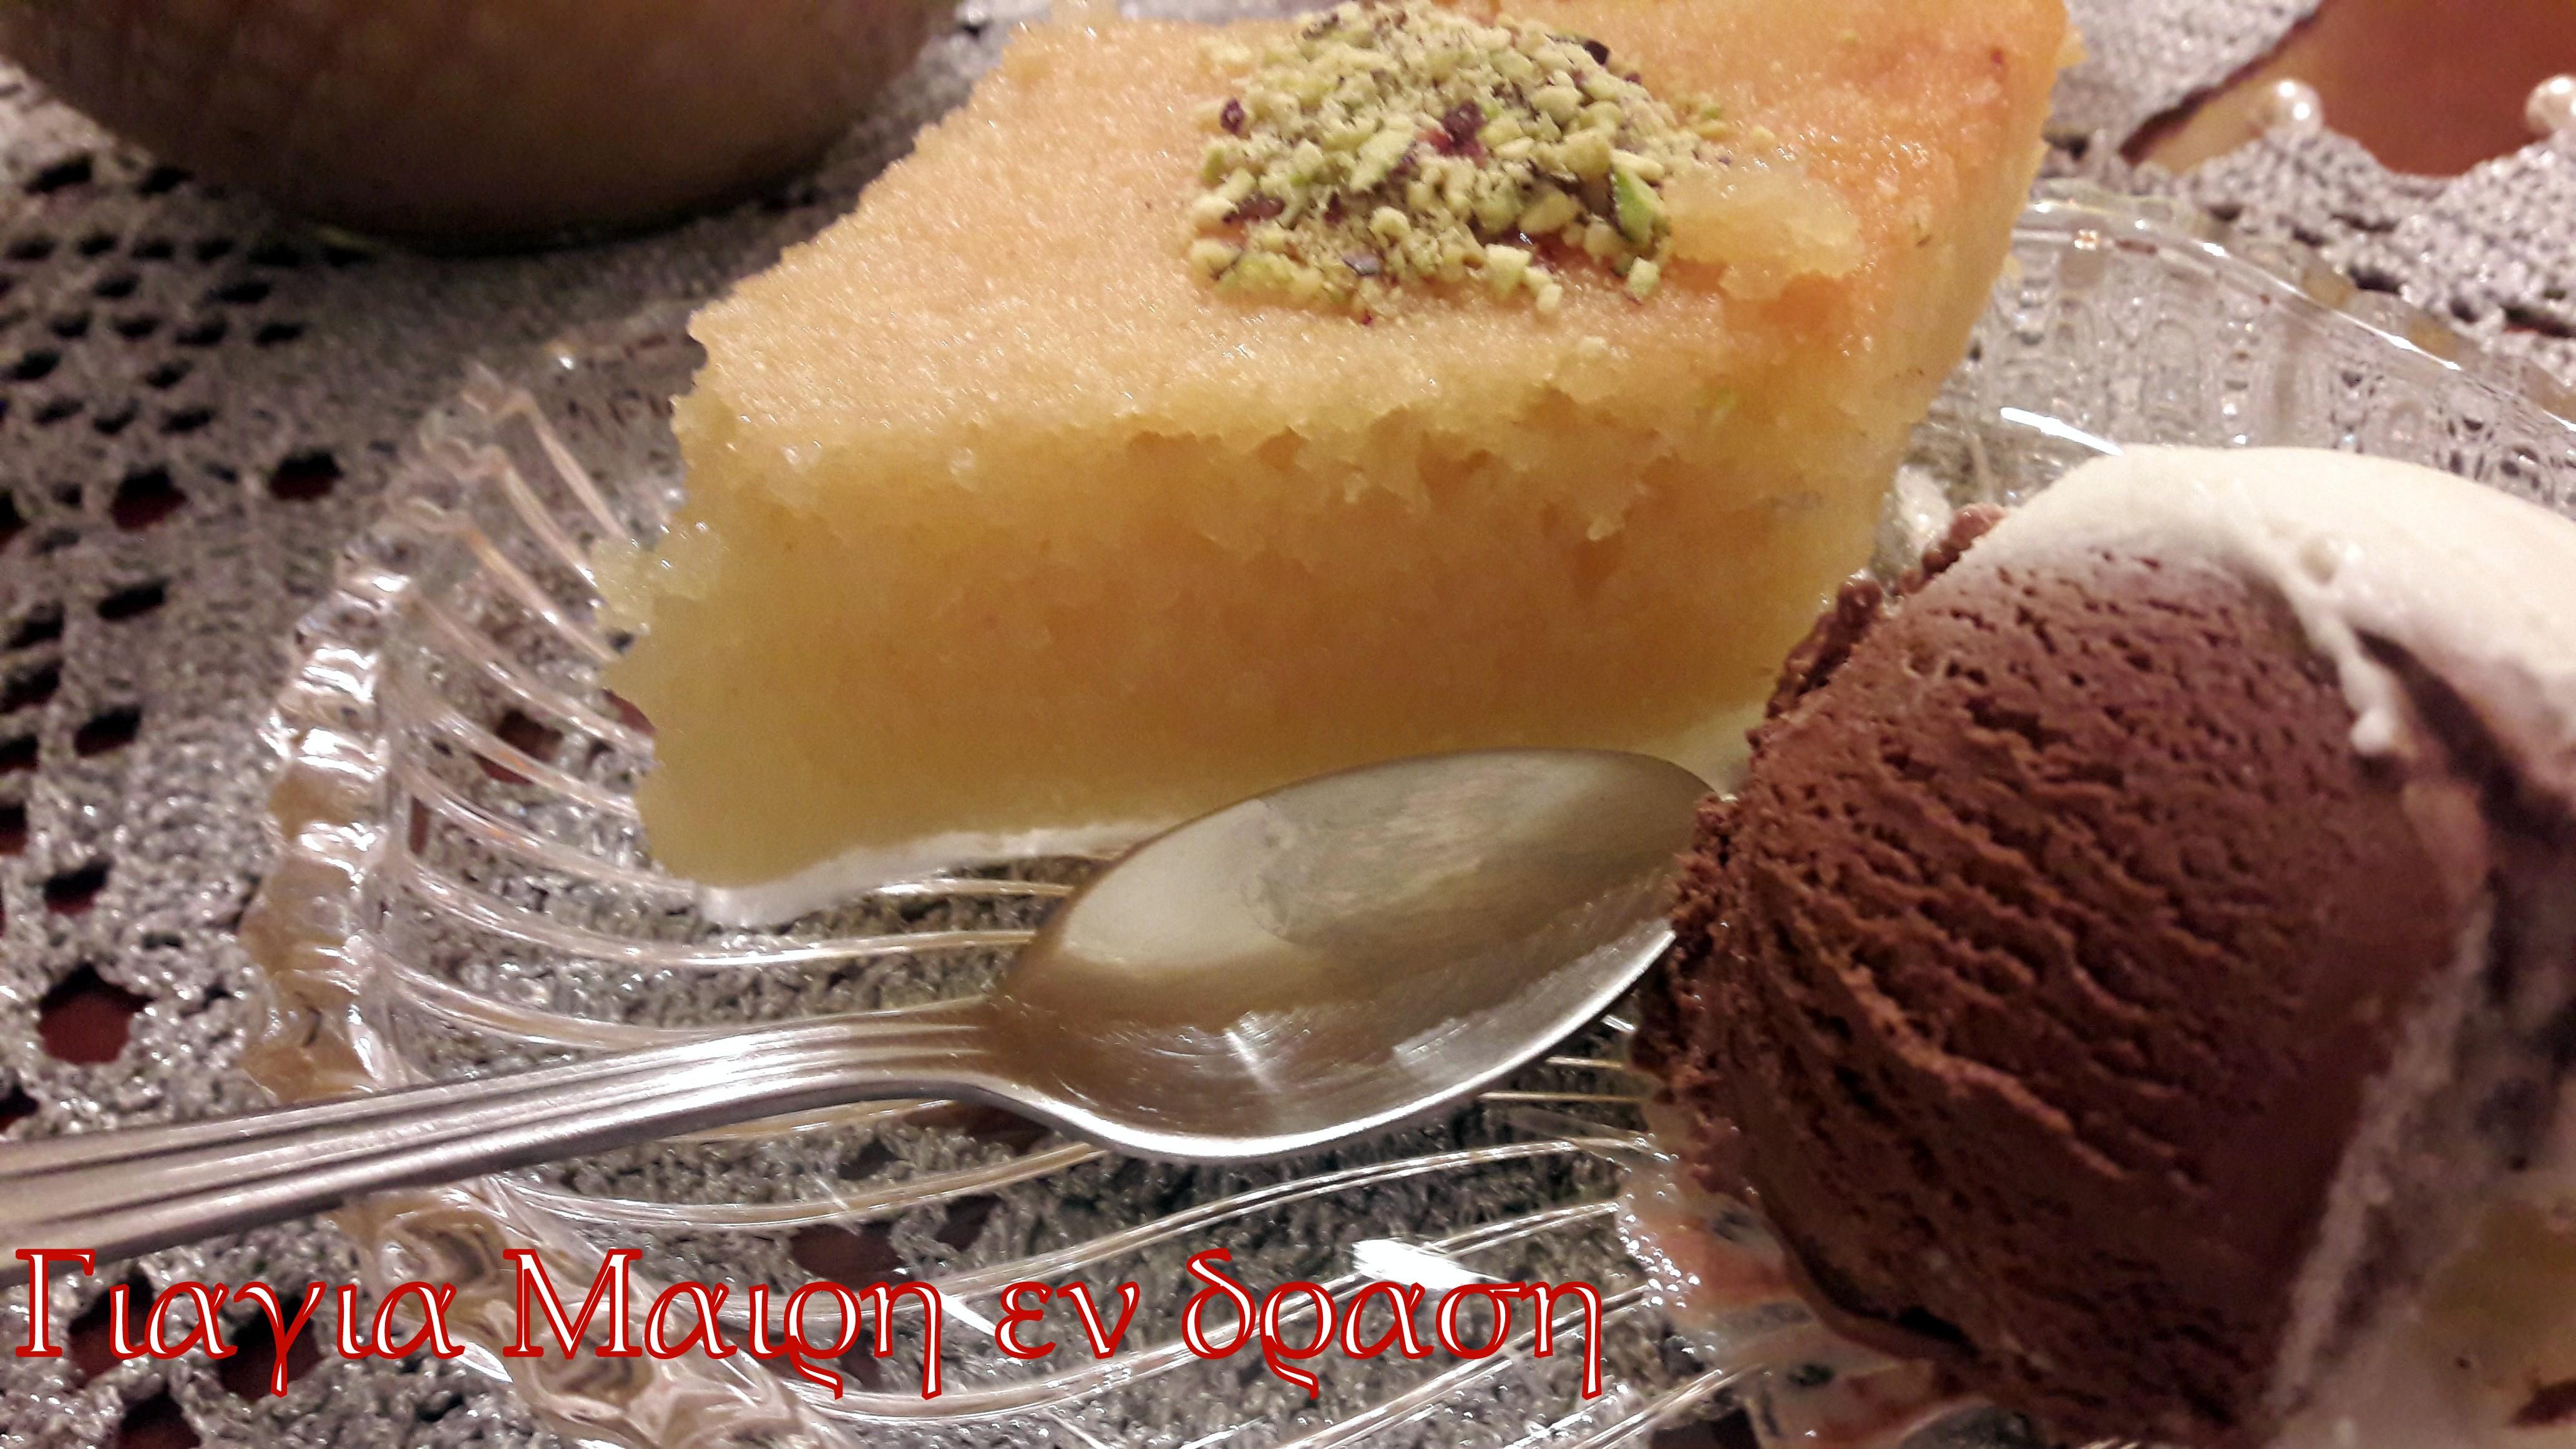 Σάμαλι Μελωμένο Συνταγή Αιγύπτου